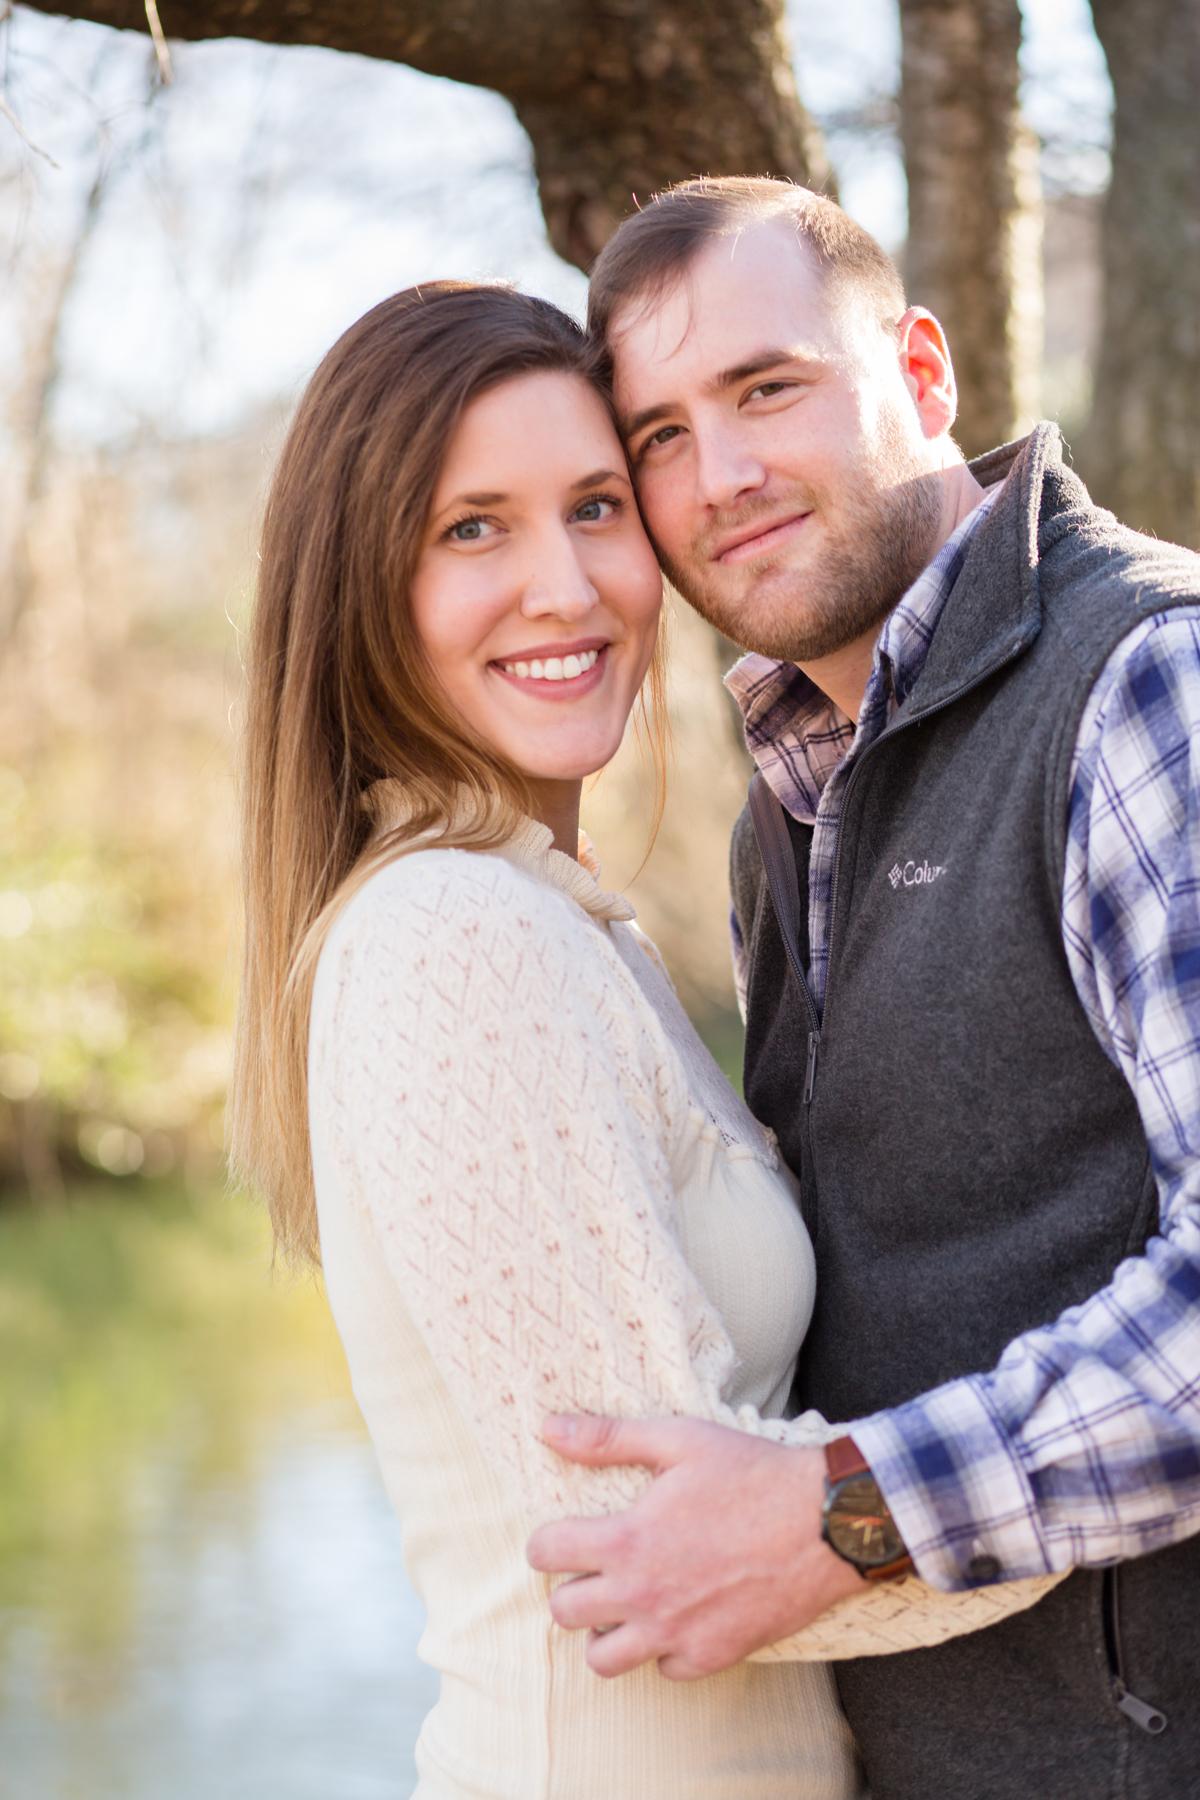 Lauren-and-Grant-Engagement-Centennial-Park-Nashville-Sneak-Peak-0026.jpg